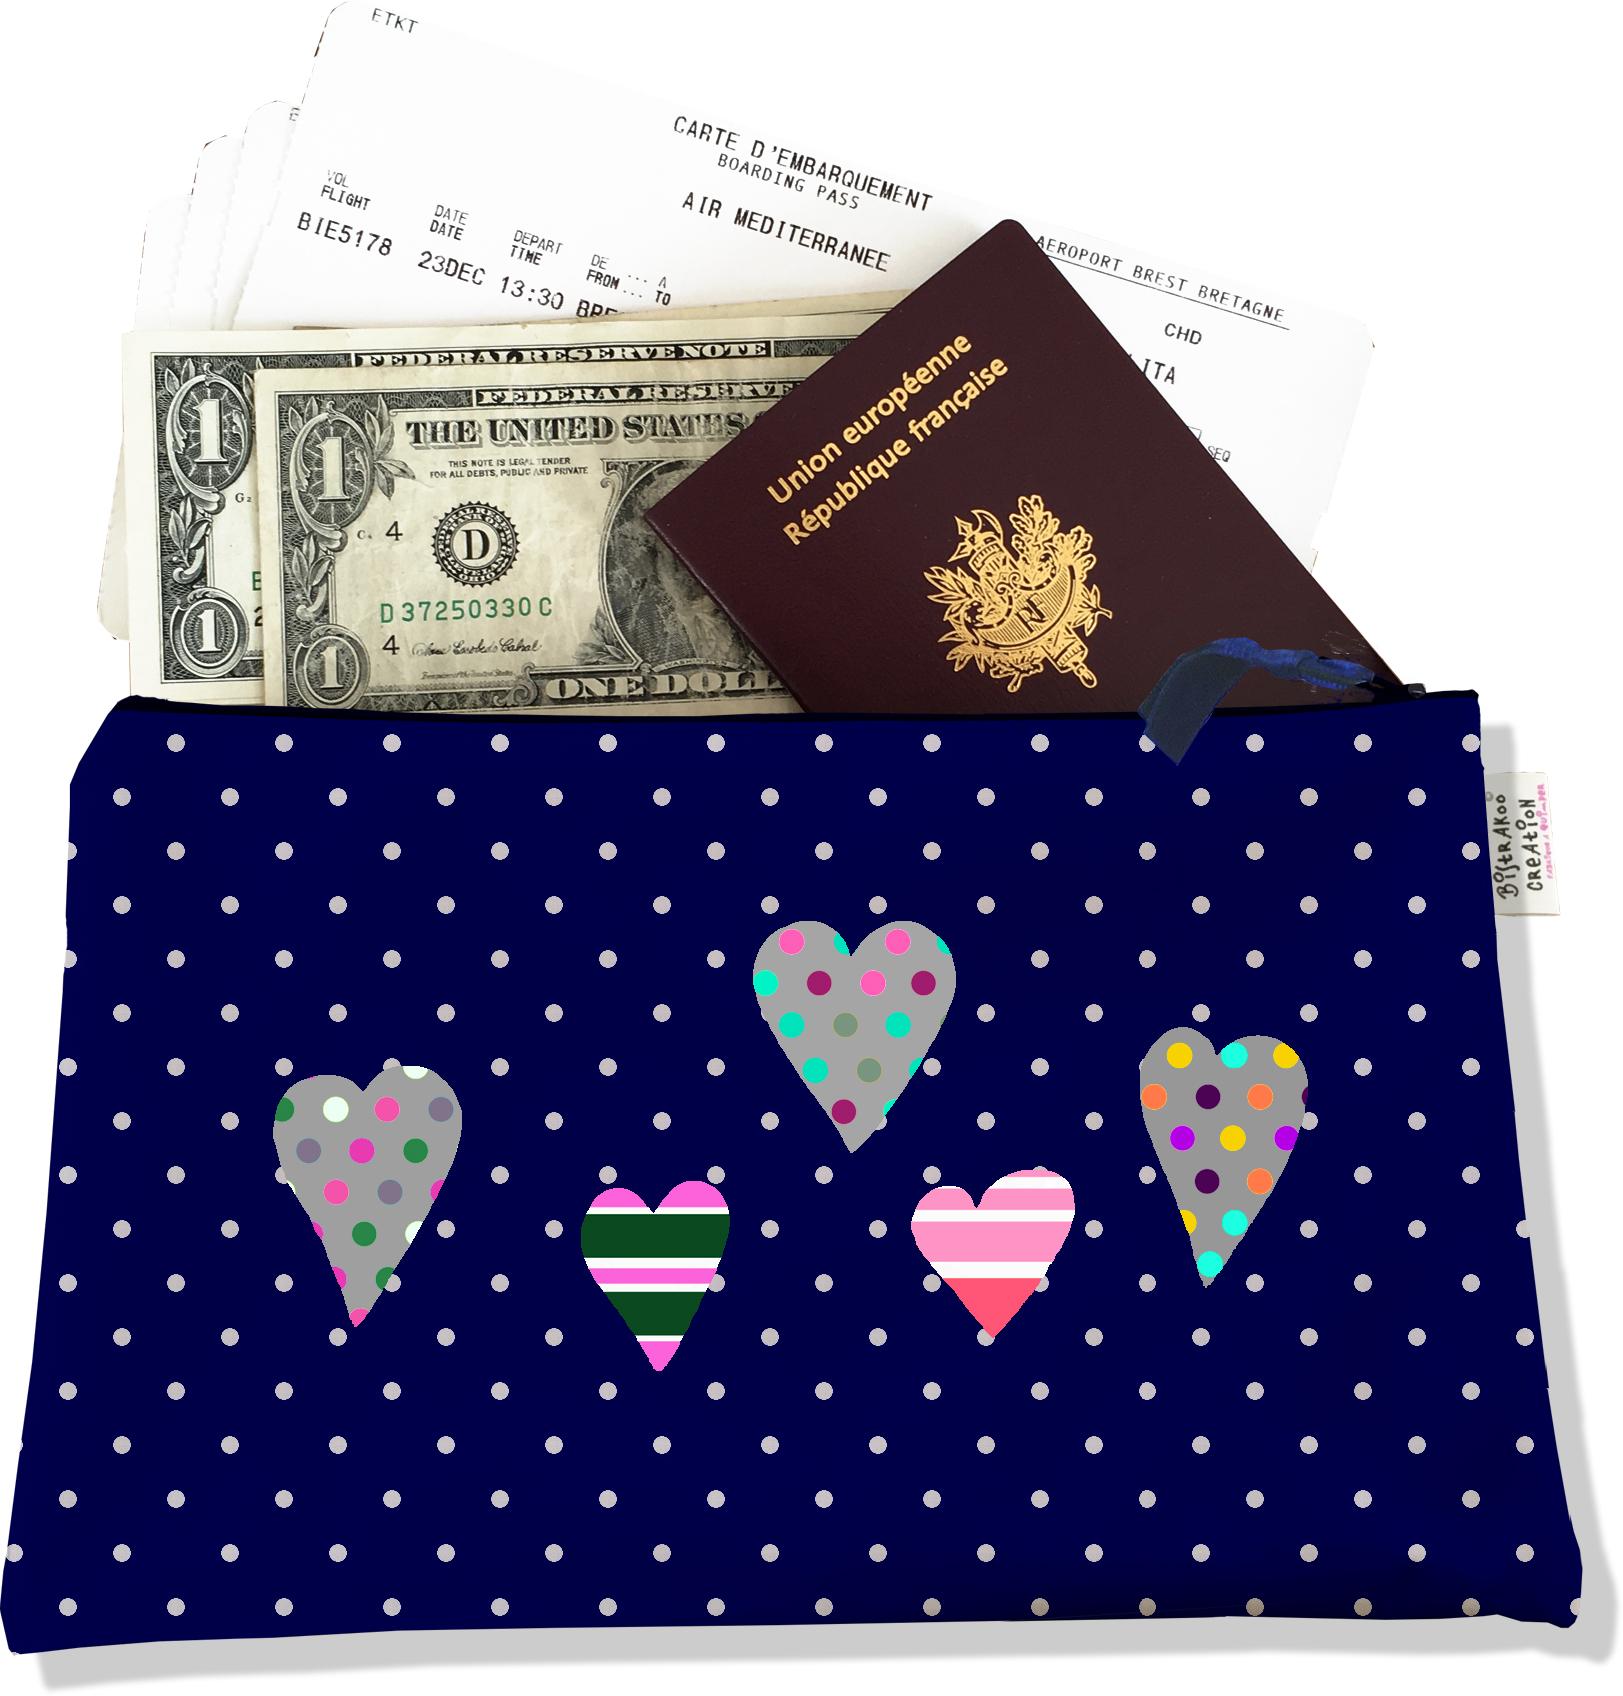 Pochette voyage, porte documents pour femme motif coeurs multicolores fond bleu marine à pois blancs 3275-2017